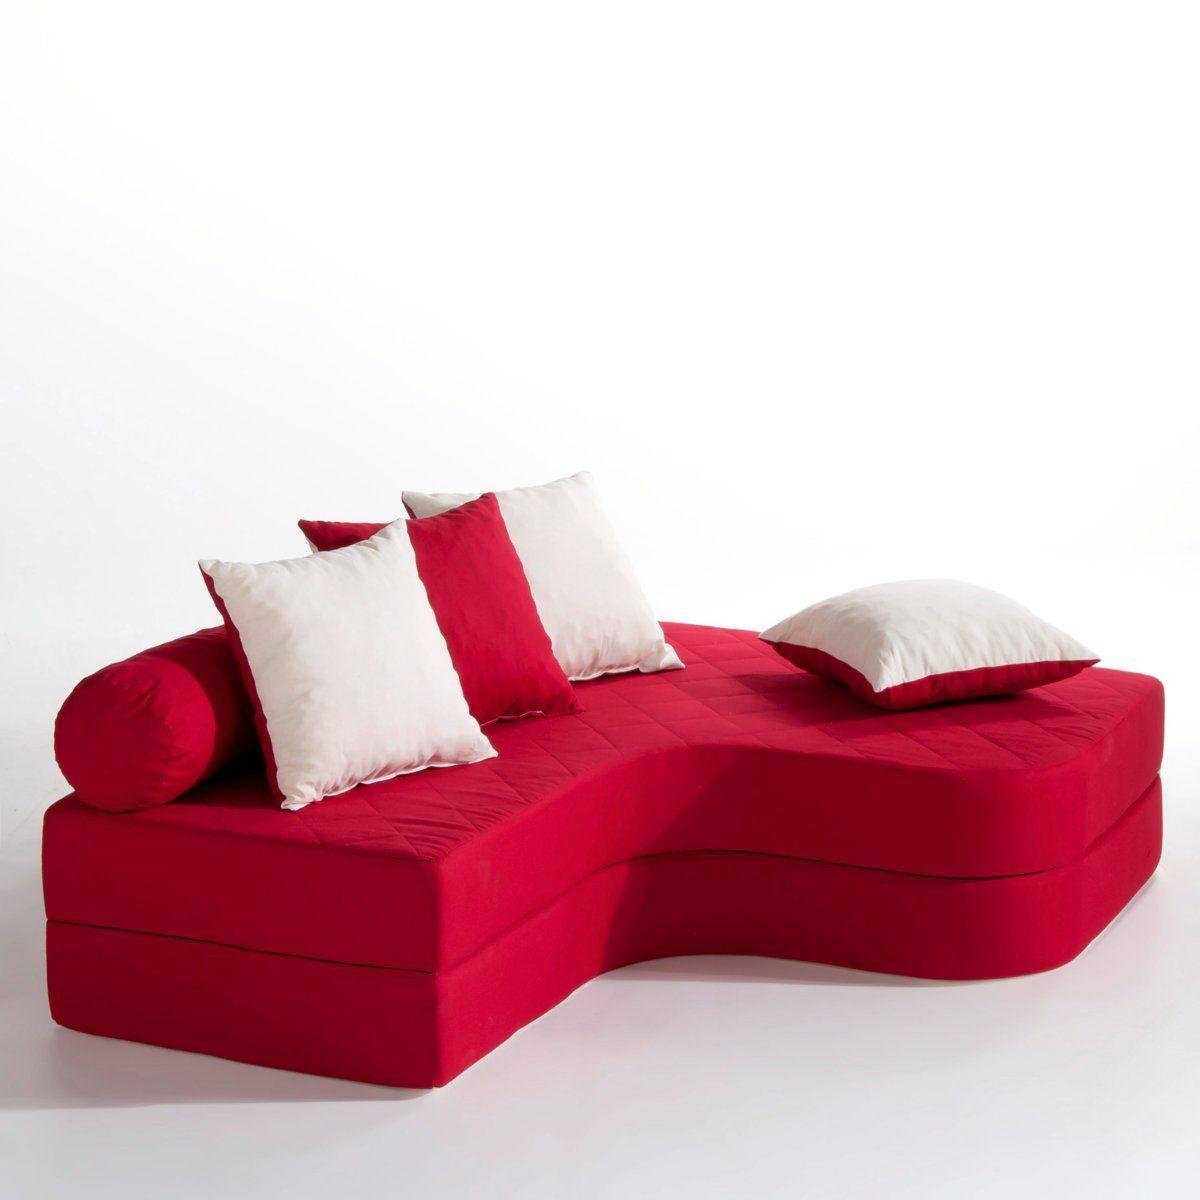 banquette lit d 39 angle confort mousse ou bultex puzzle. Black Bedroom Furniture Sets. Home Design Ideas